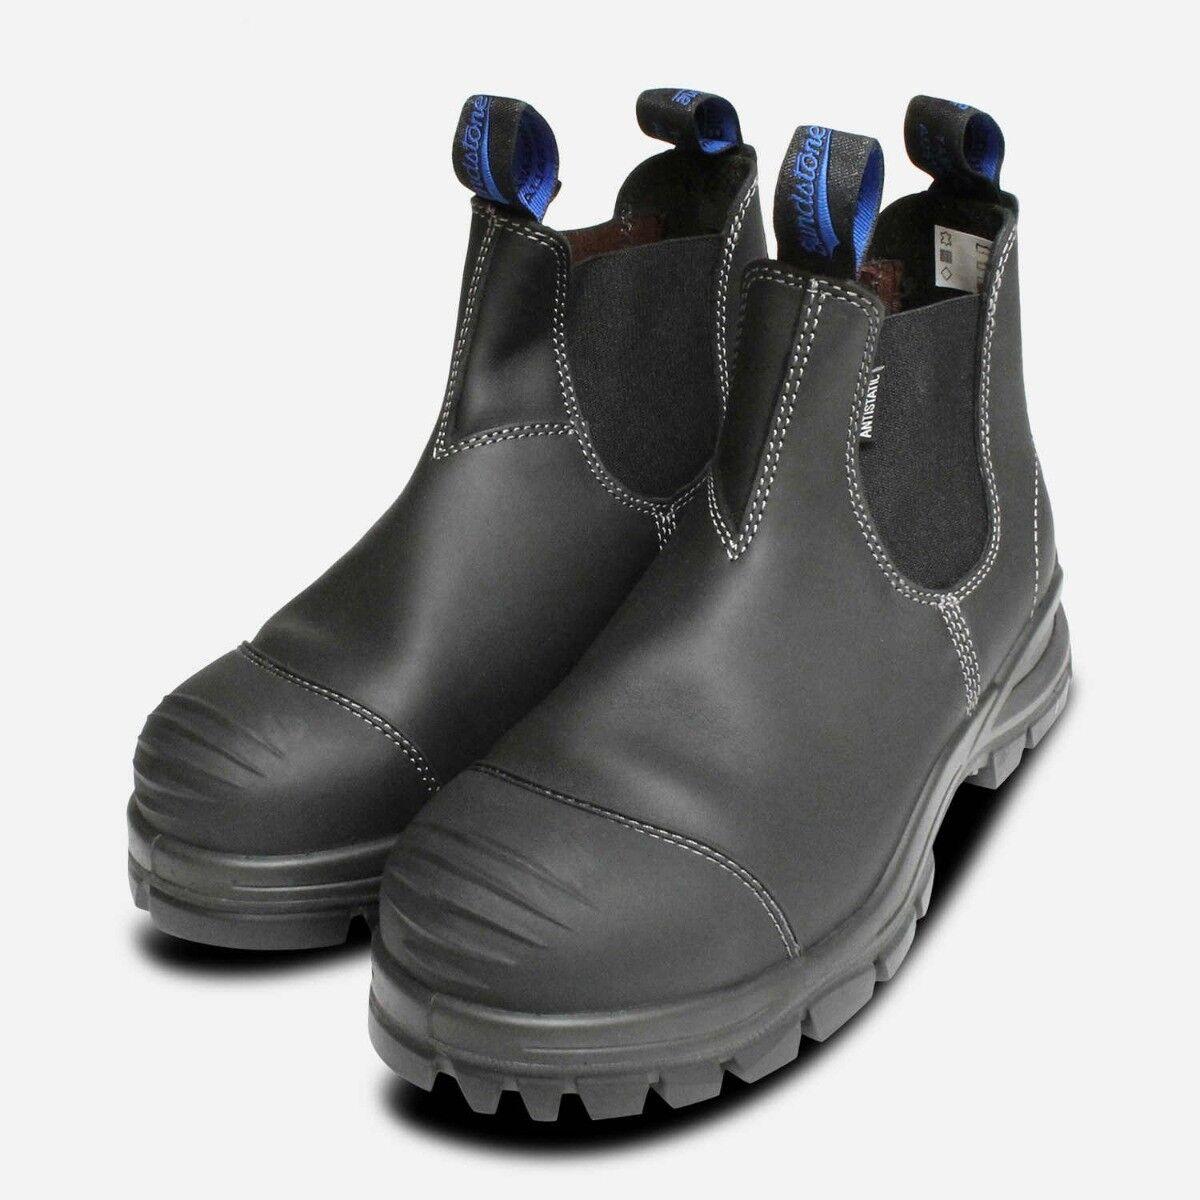 azulndstone 910 Seguridad Punta de Acero botas Color Negro Ce S3